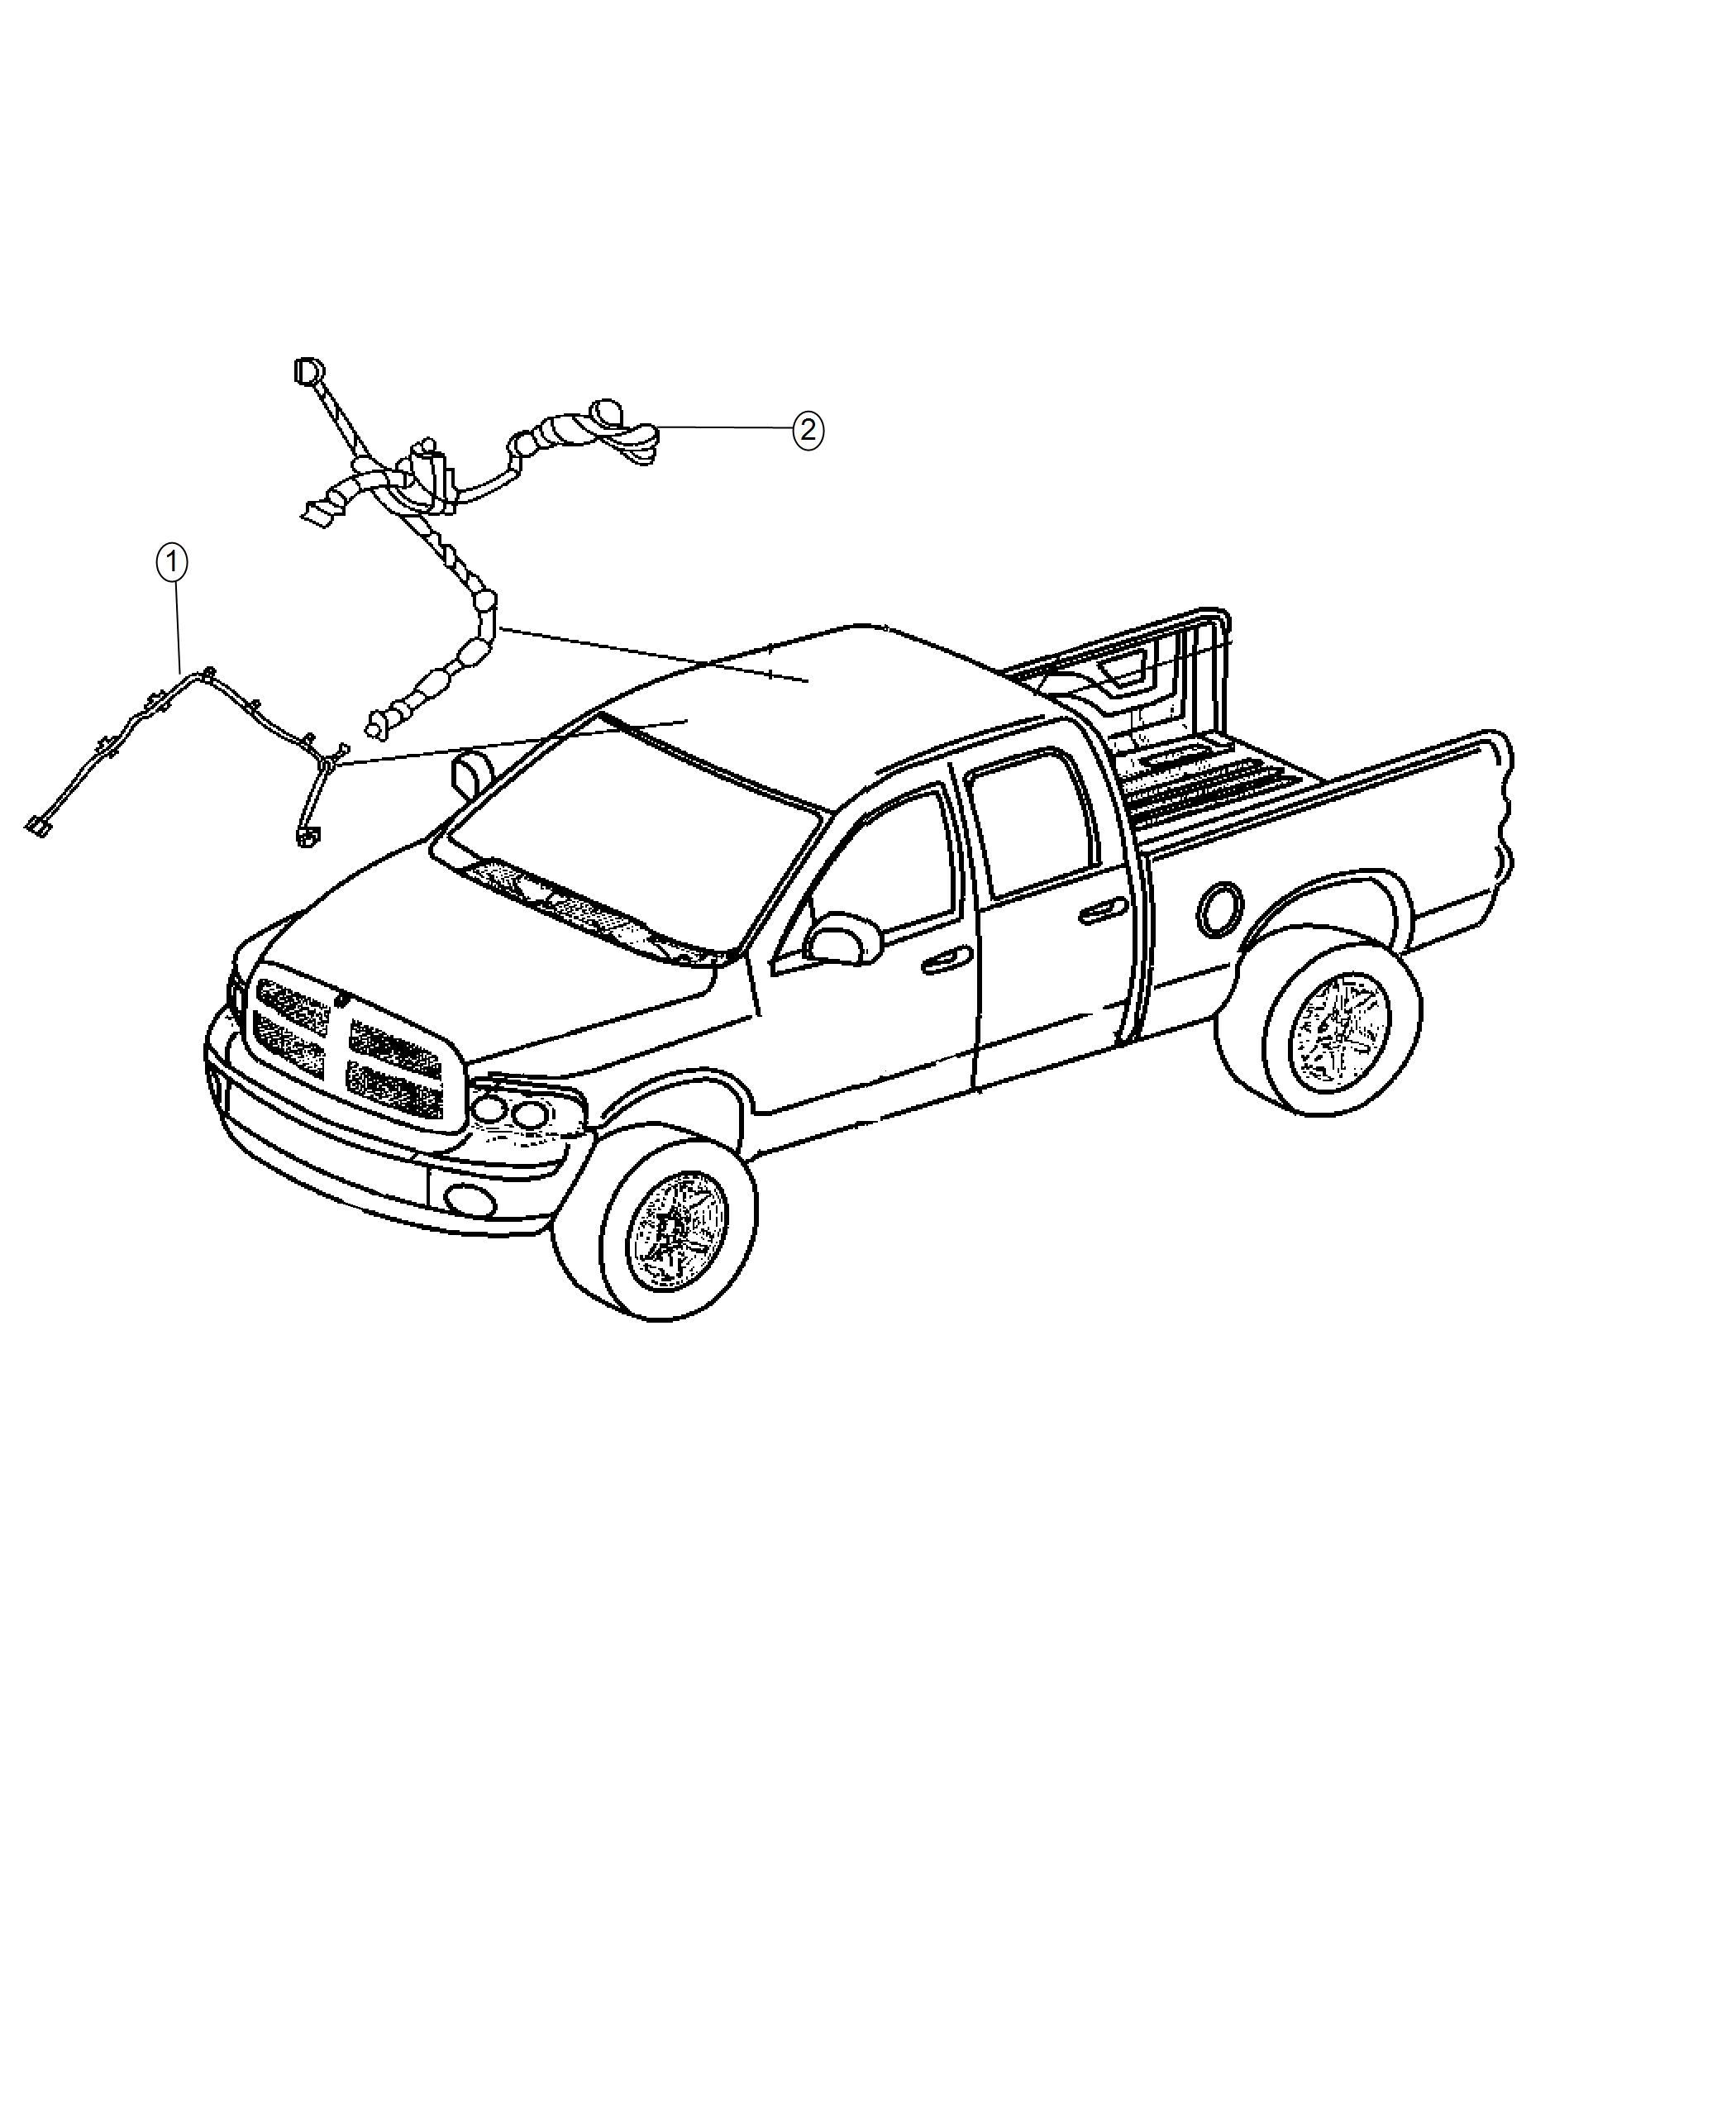 Ram Wiring Header Rr View Auto Dim Mirror W